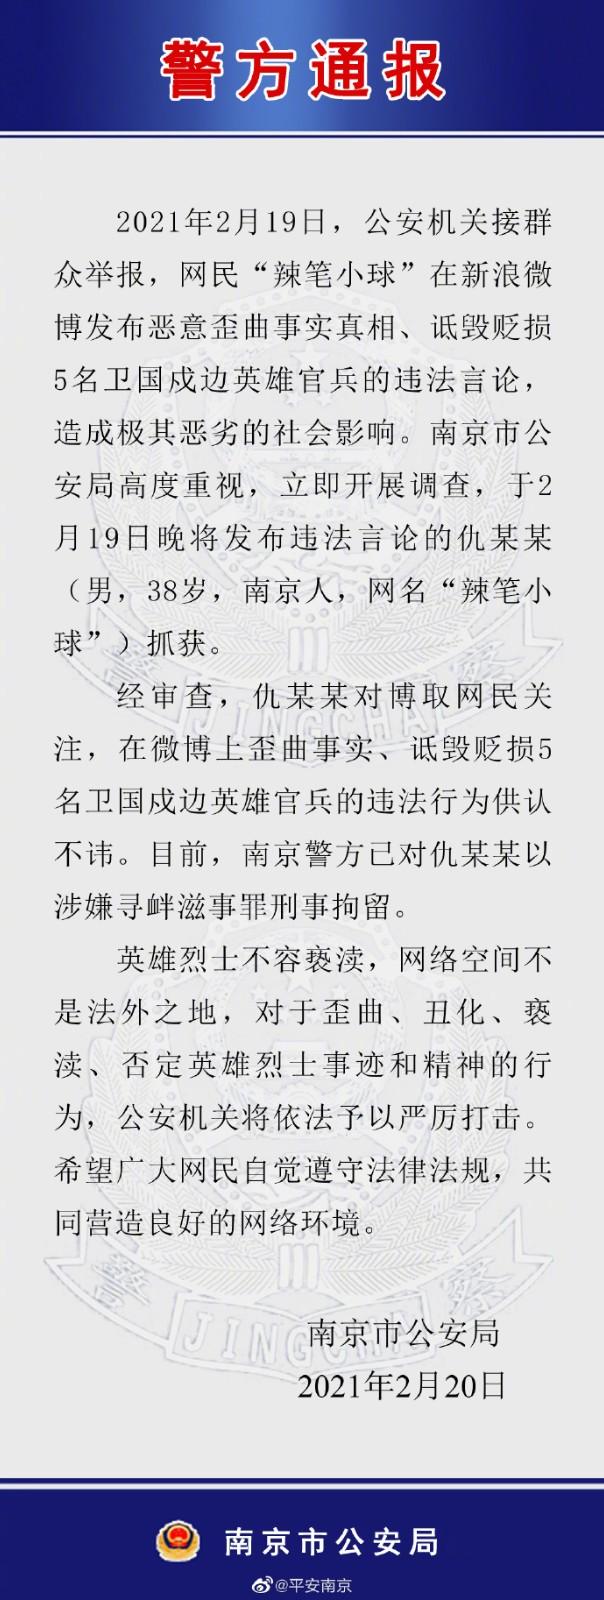 """诋毁贬损卫国戍边英雄 中国网民""""辣笔小球""""被刑拘_图1-1"""